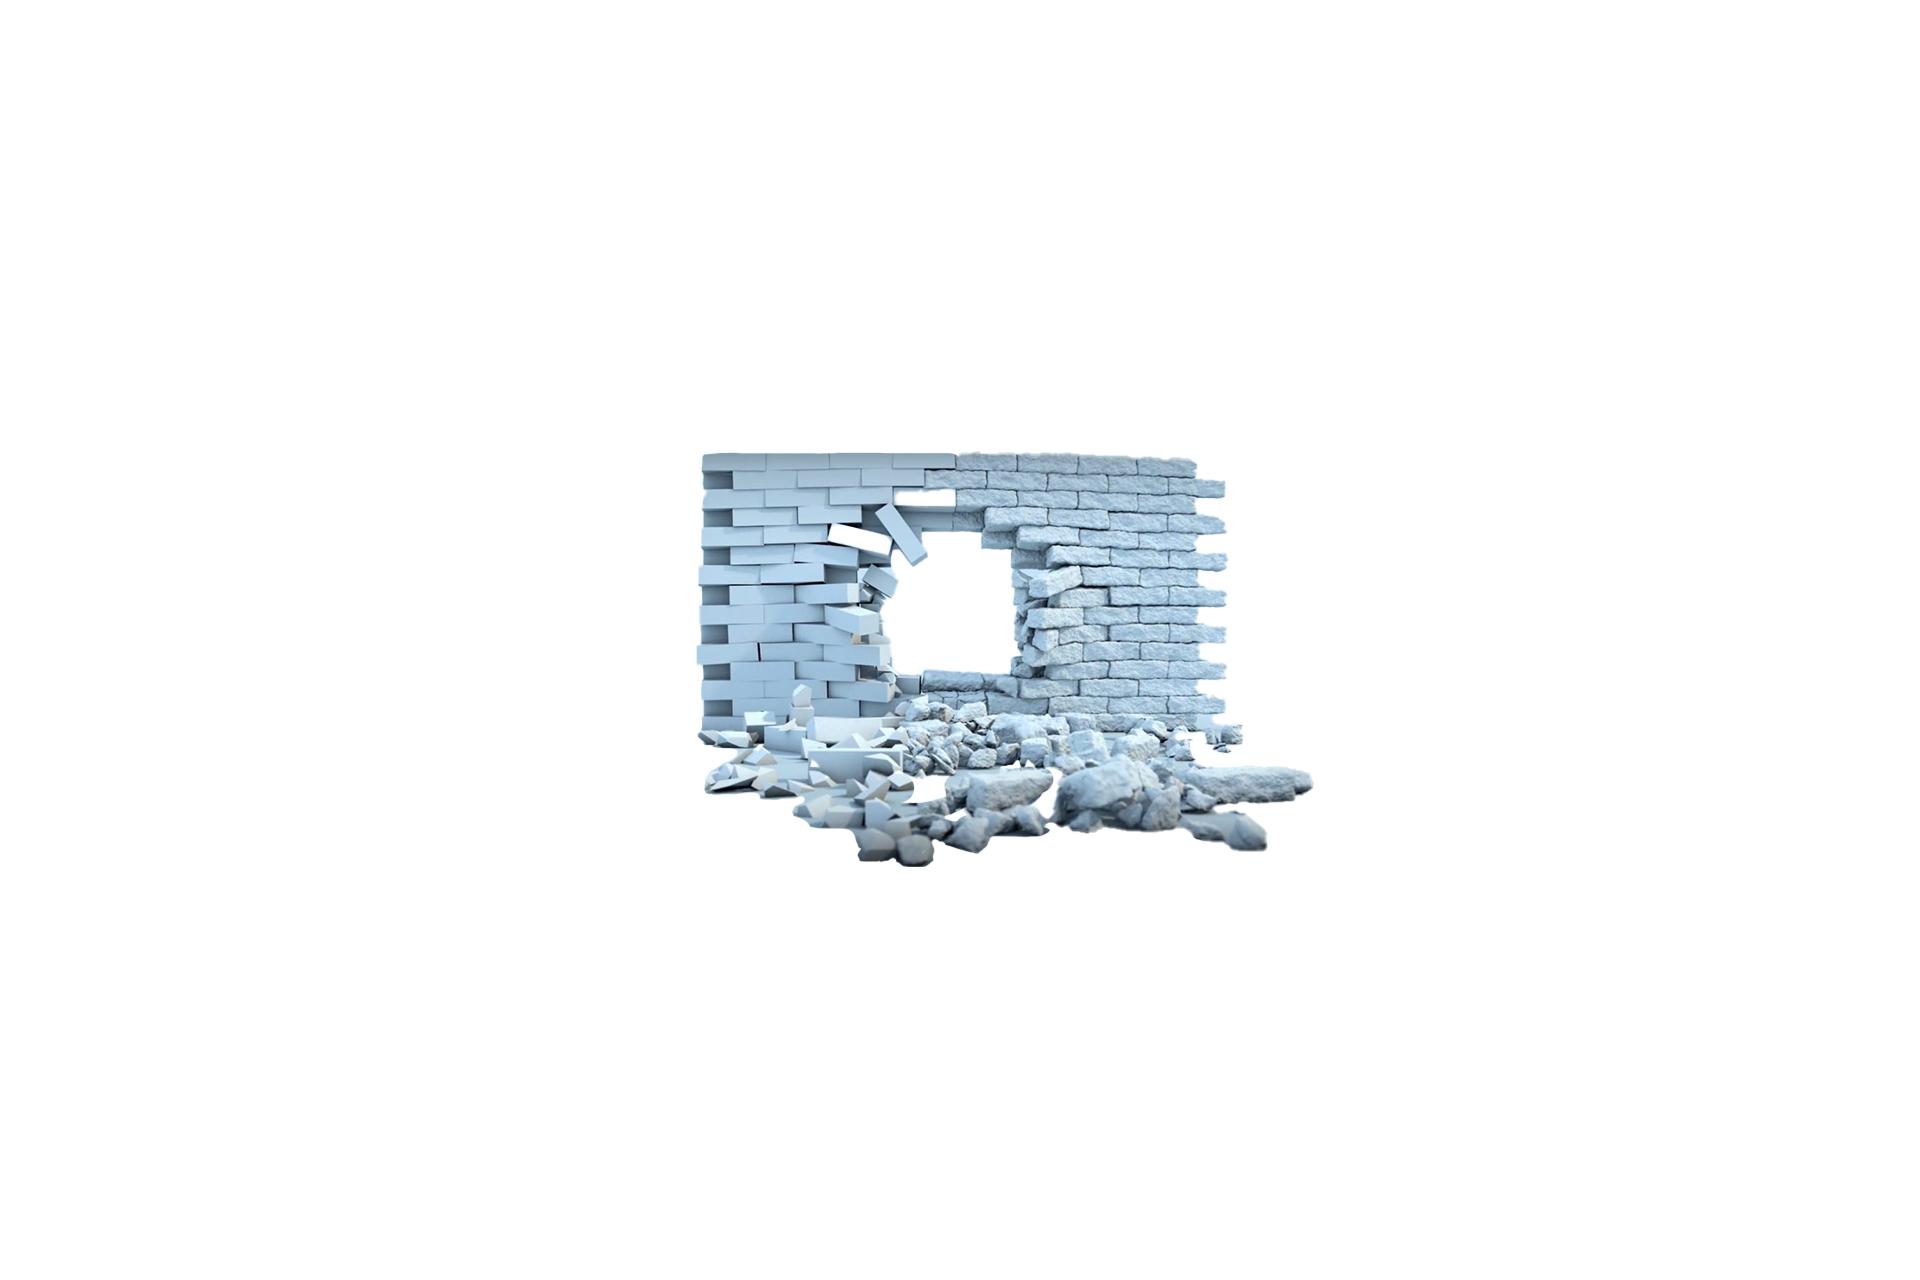 آموزش تخریب عناصر در 3ds Max – بخش اول